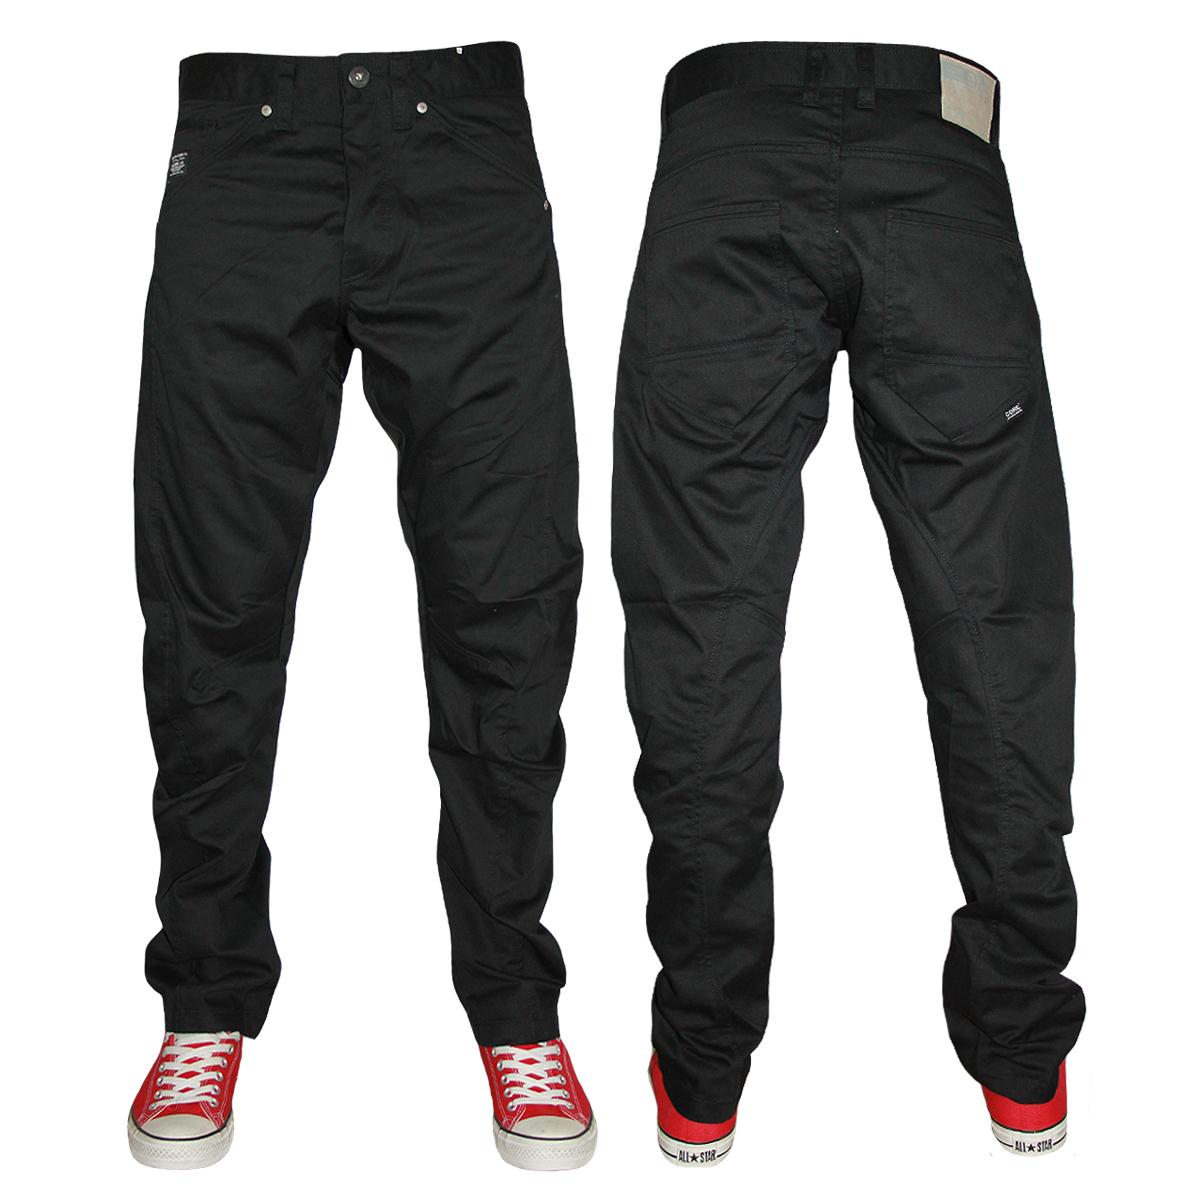 Jack jones pants